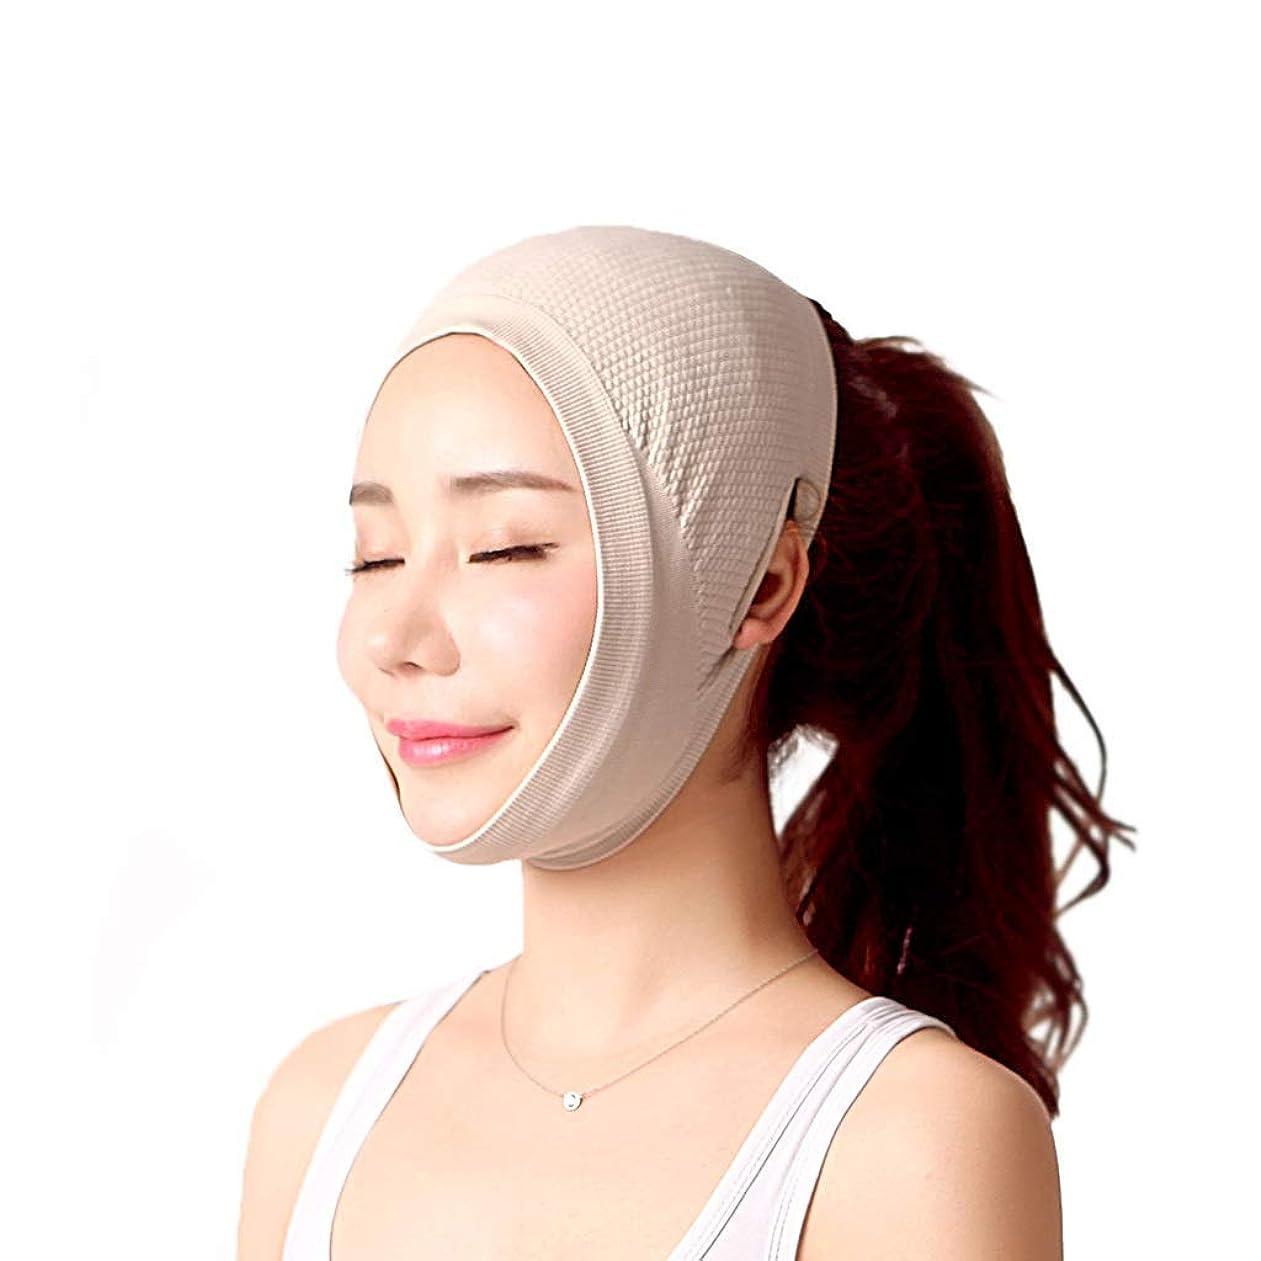 チョップディスコ最も顔痩身包帯、二重あご、二重あごを減らすために顔を持ち上げる、顔を引き締める、体重を減らすためのマスク(ワンサイズ)